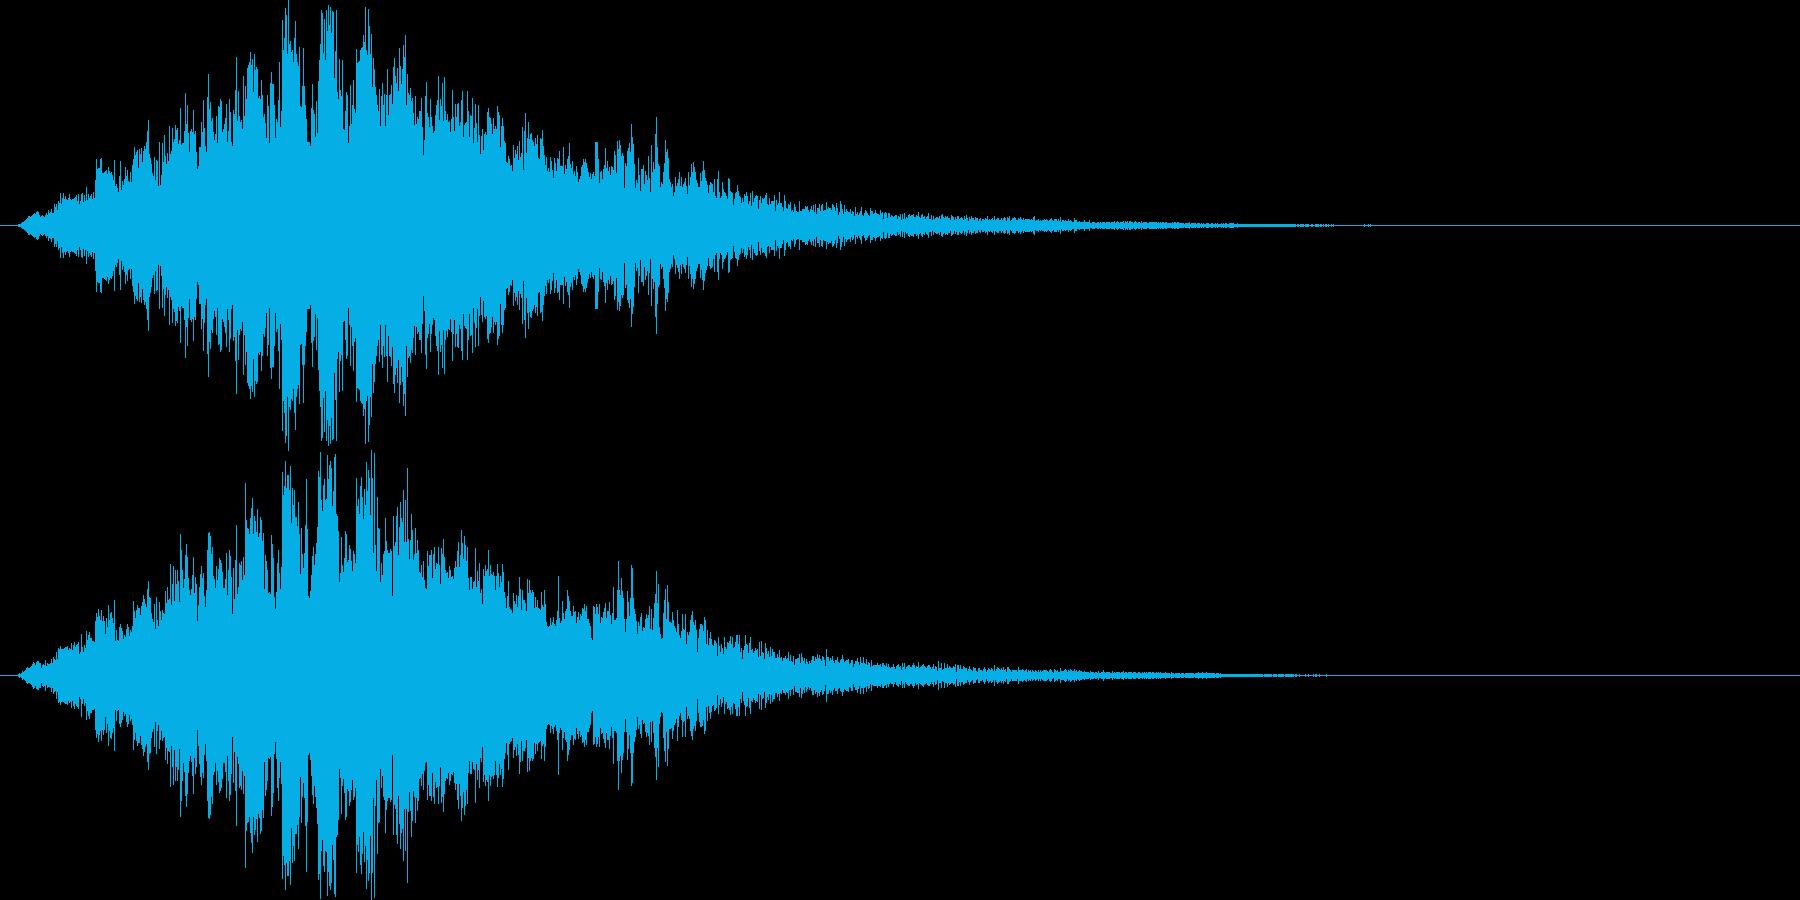 ティロロロロロ↑(場面転換、解放、星)の再生済みの波形